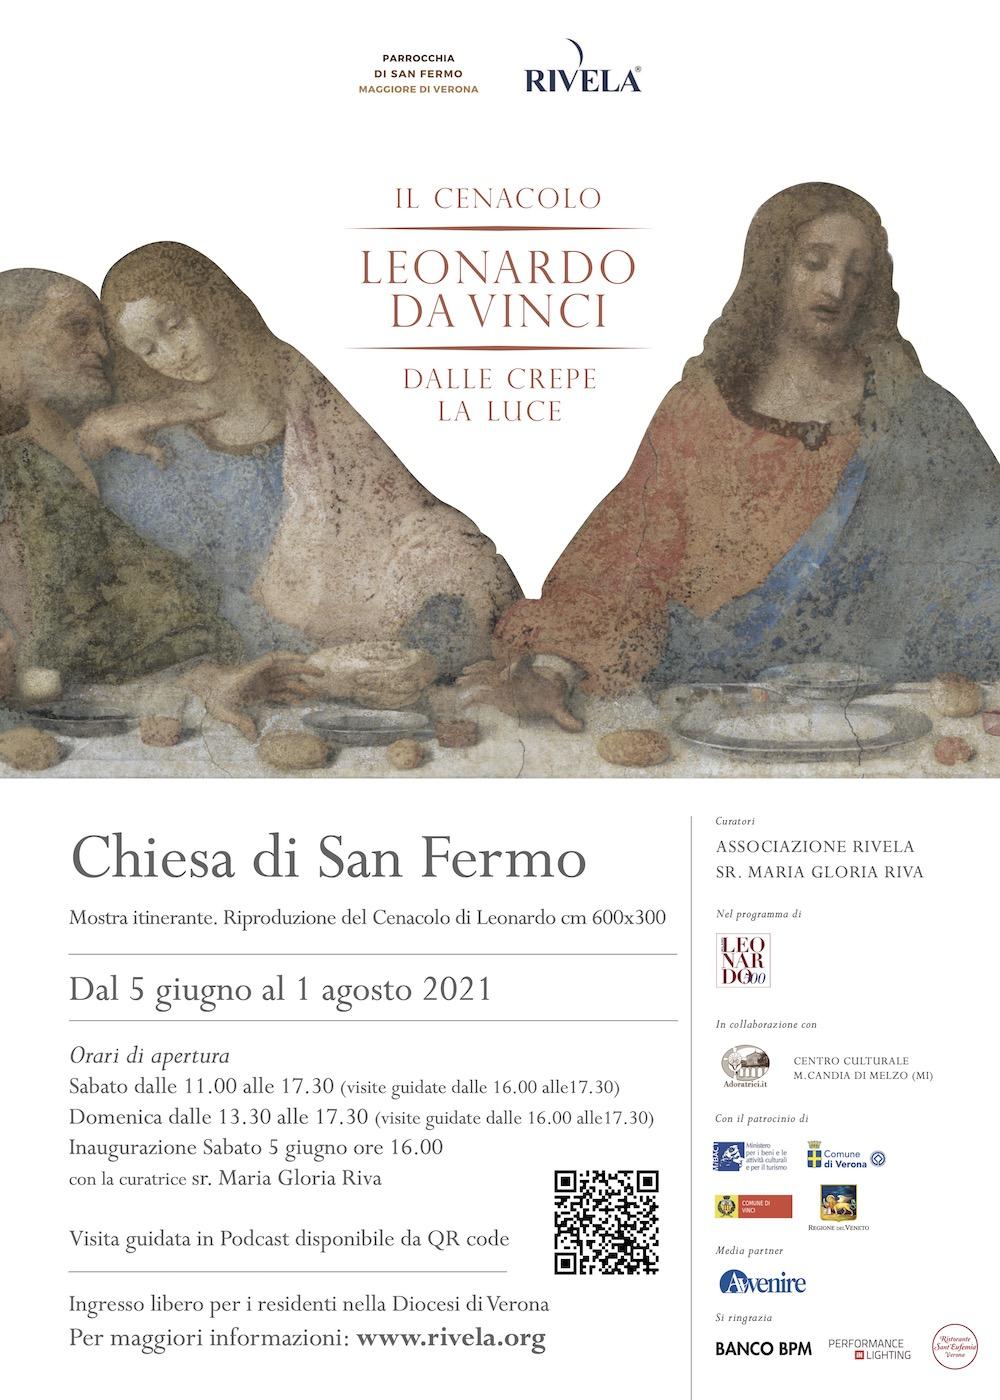 """Il Manifesto della mostra """"Il Cenacolo di Leonardo da Vinci. Dalle crepe la luce"""" alla Chiesa di San Fermo"""